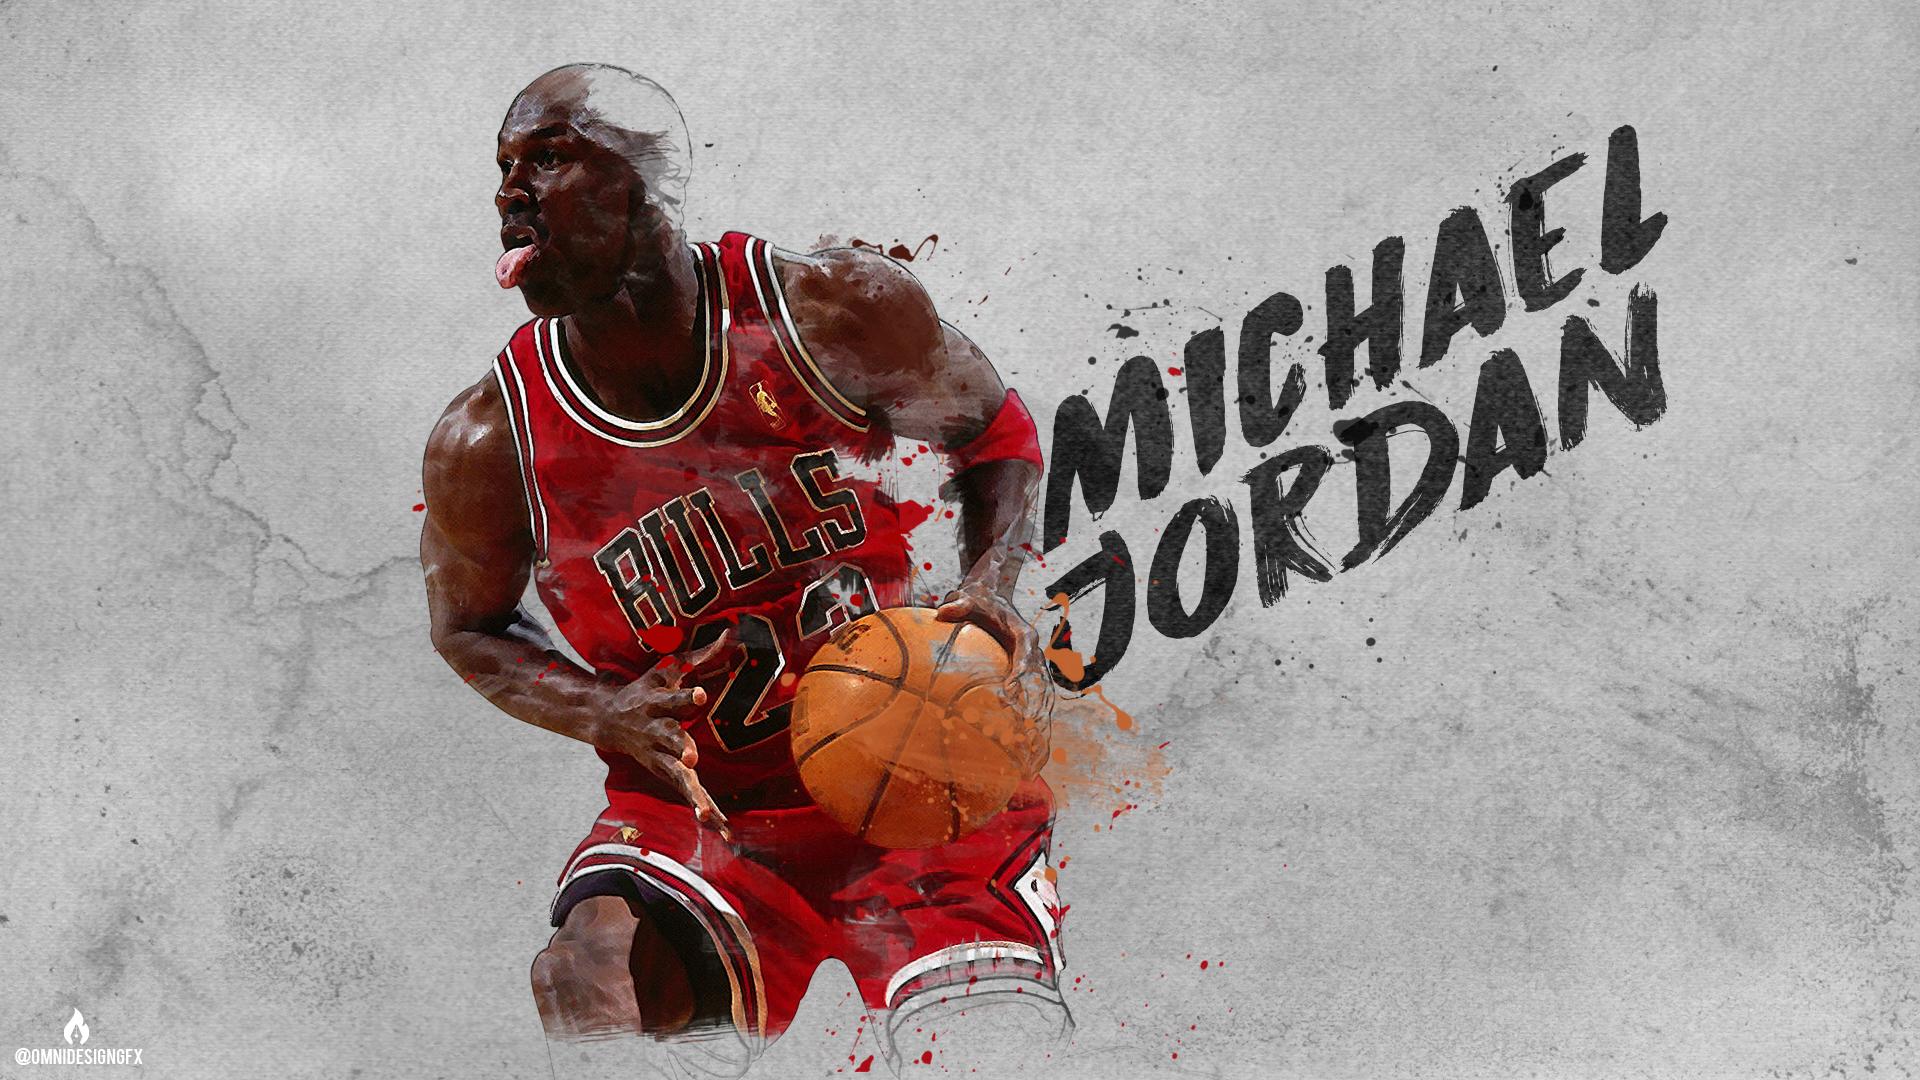 Майкл Джордан обои скачать